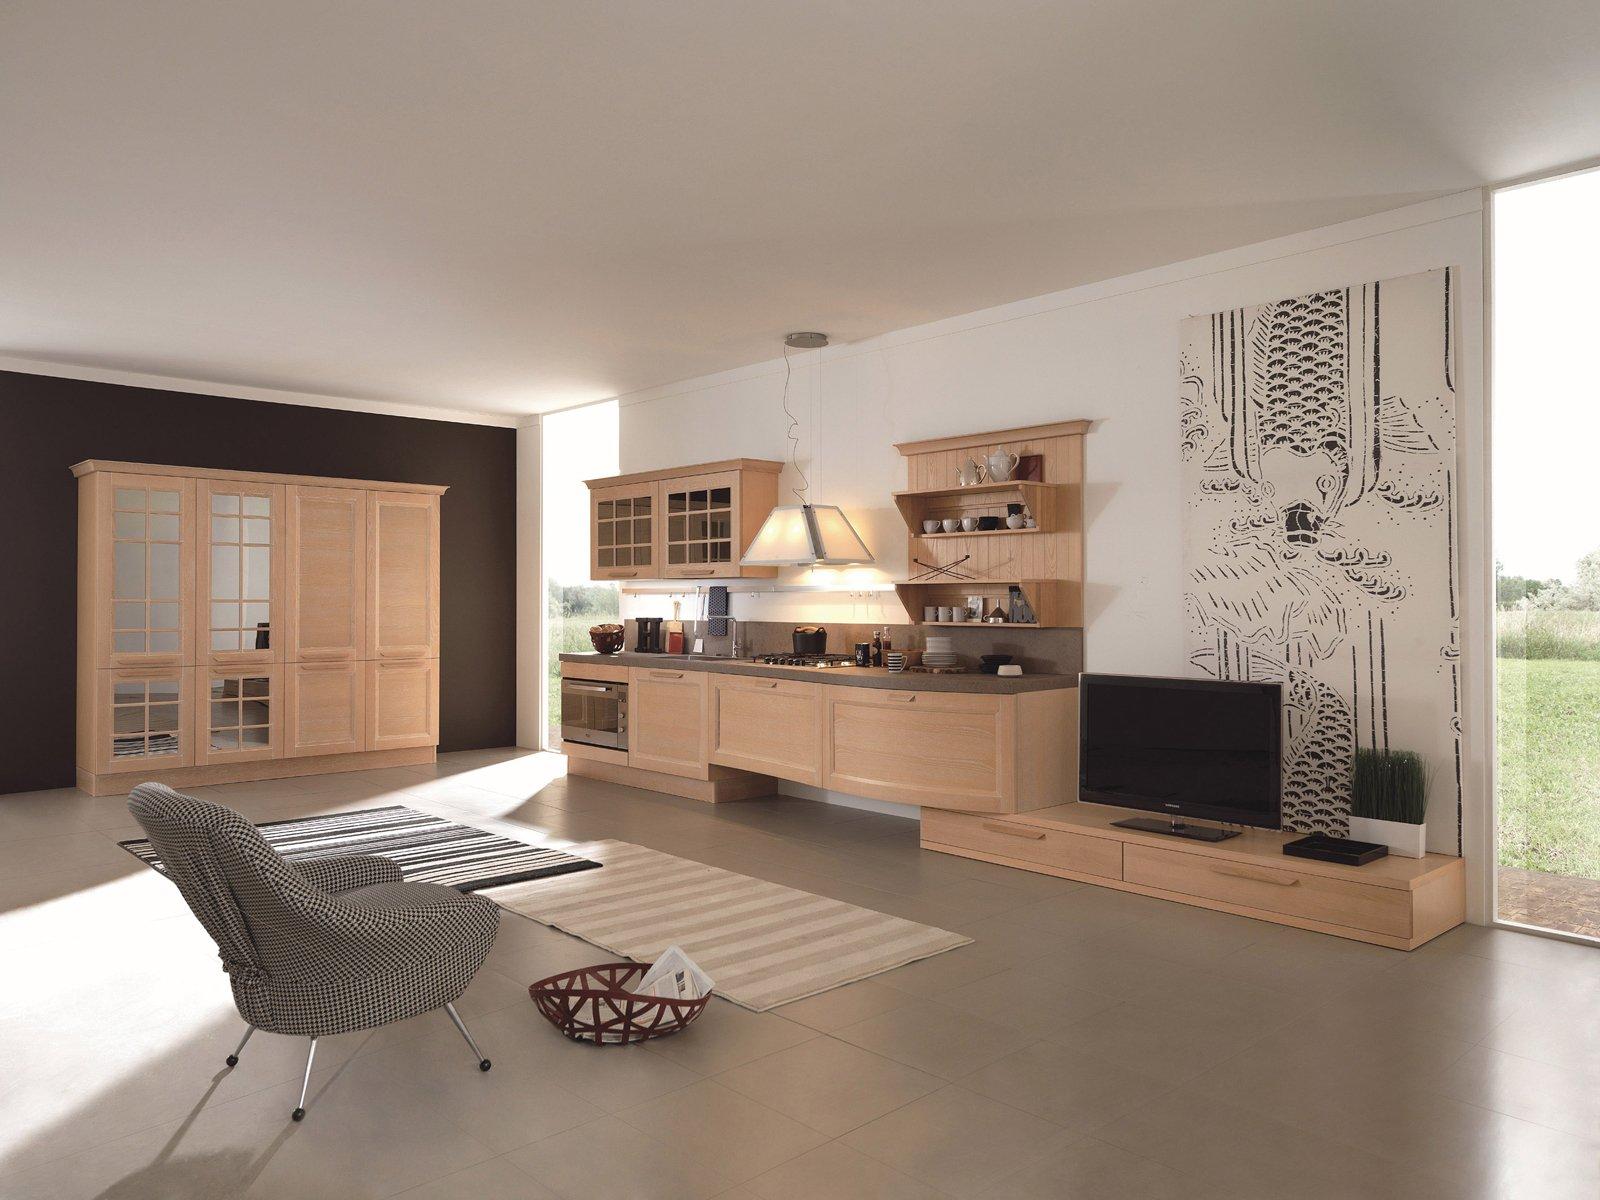 Aziende Di Cucine Moderne Legno Pictures To Pin On Pinterest #8C5D3F 1600 1200 Aziende Di Cucine Classiche